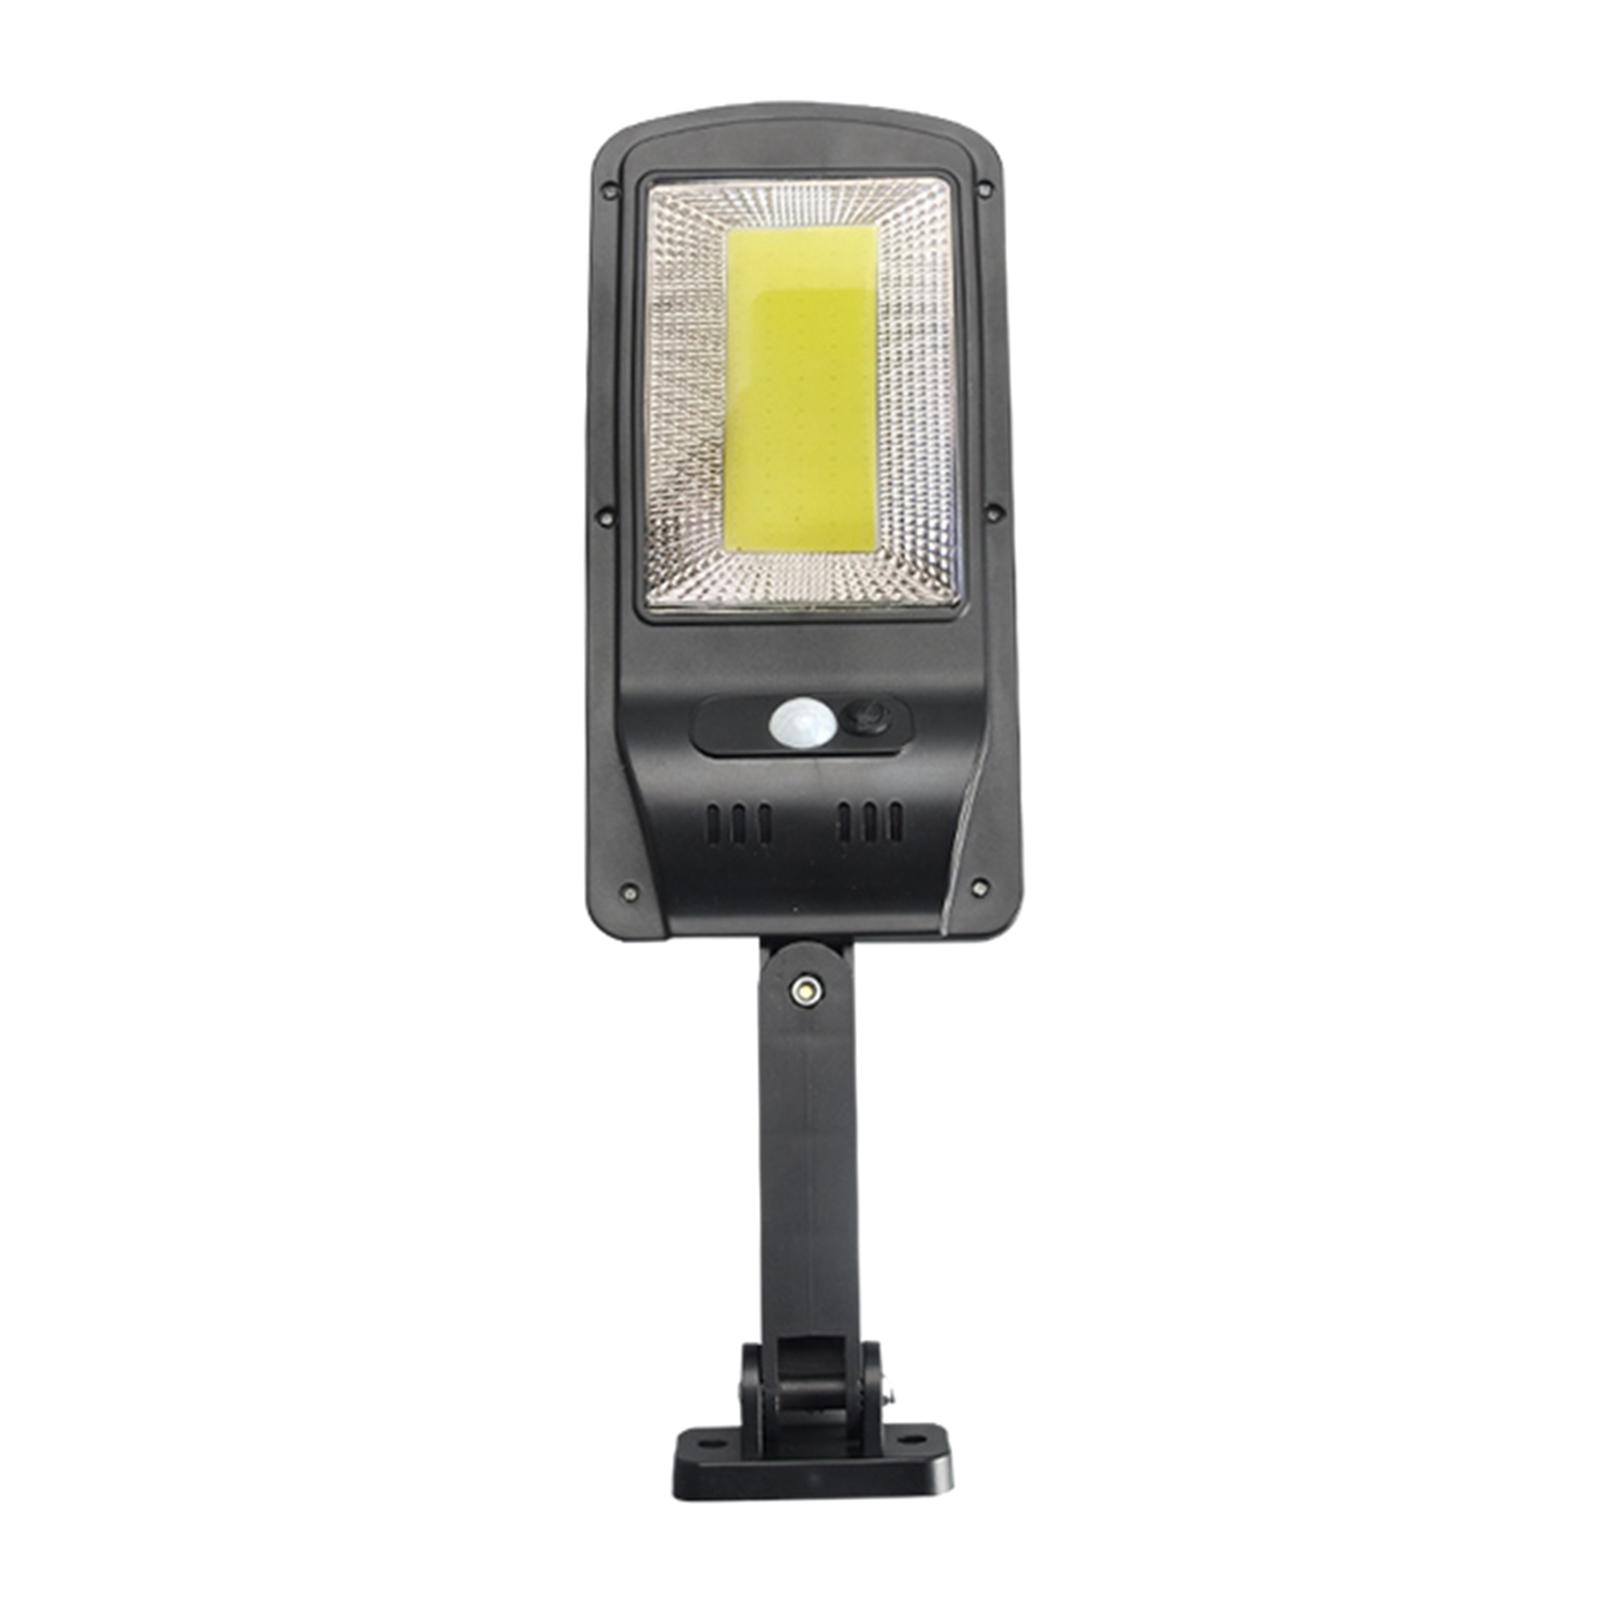 Corps-de-reverbere-a-LED-a-energie-solaire-detectant-la-lumiere miniatura 10